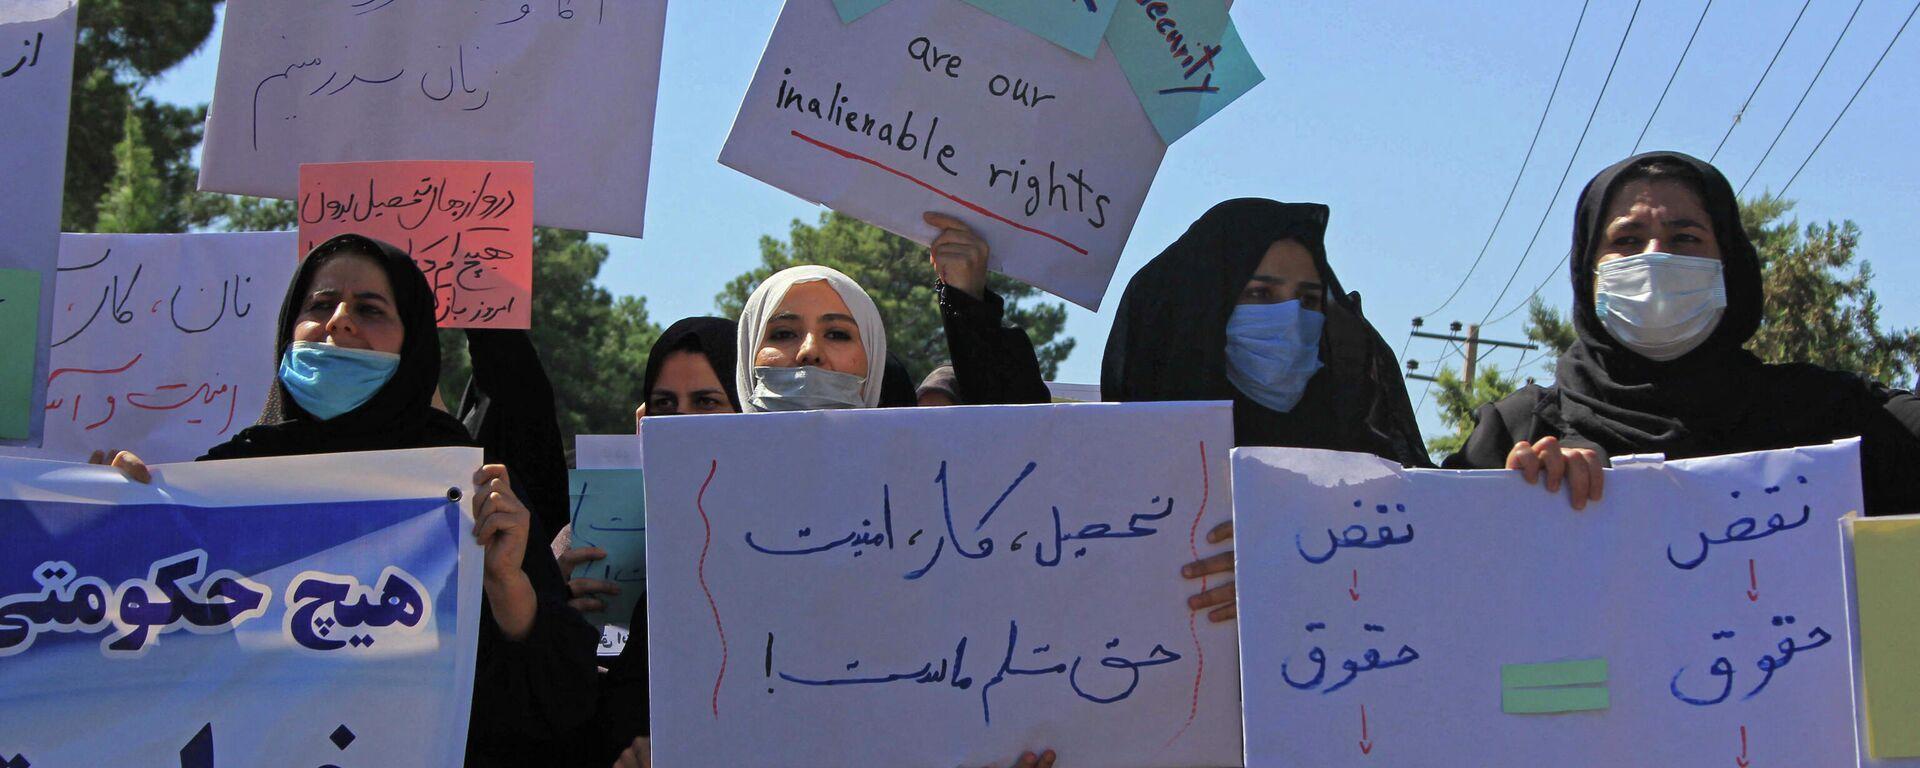 Афганские женщины с плакатами, акция протеста в Герате  - Sputnik Таджикистан, 1920, 02.09.2021